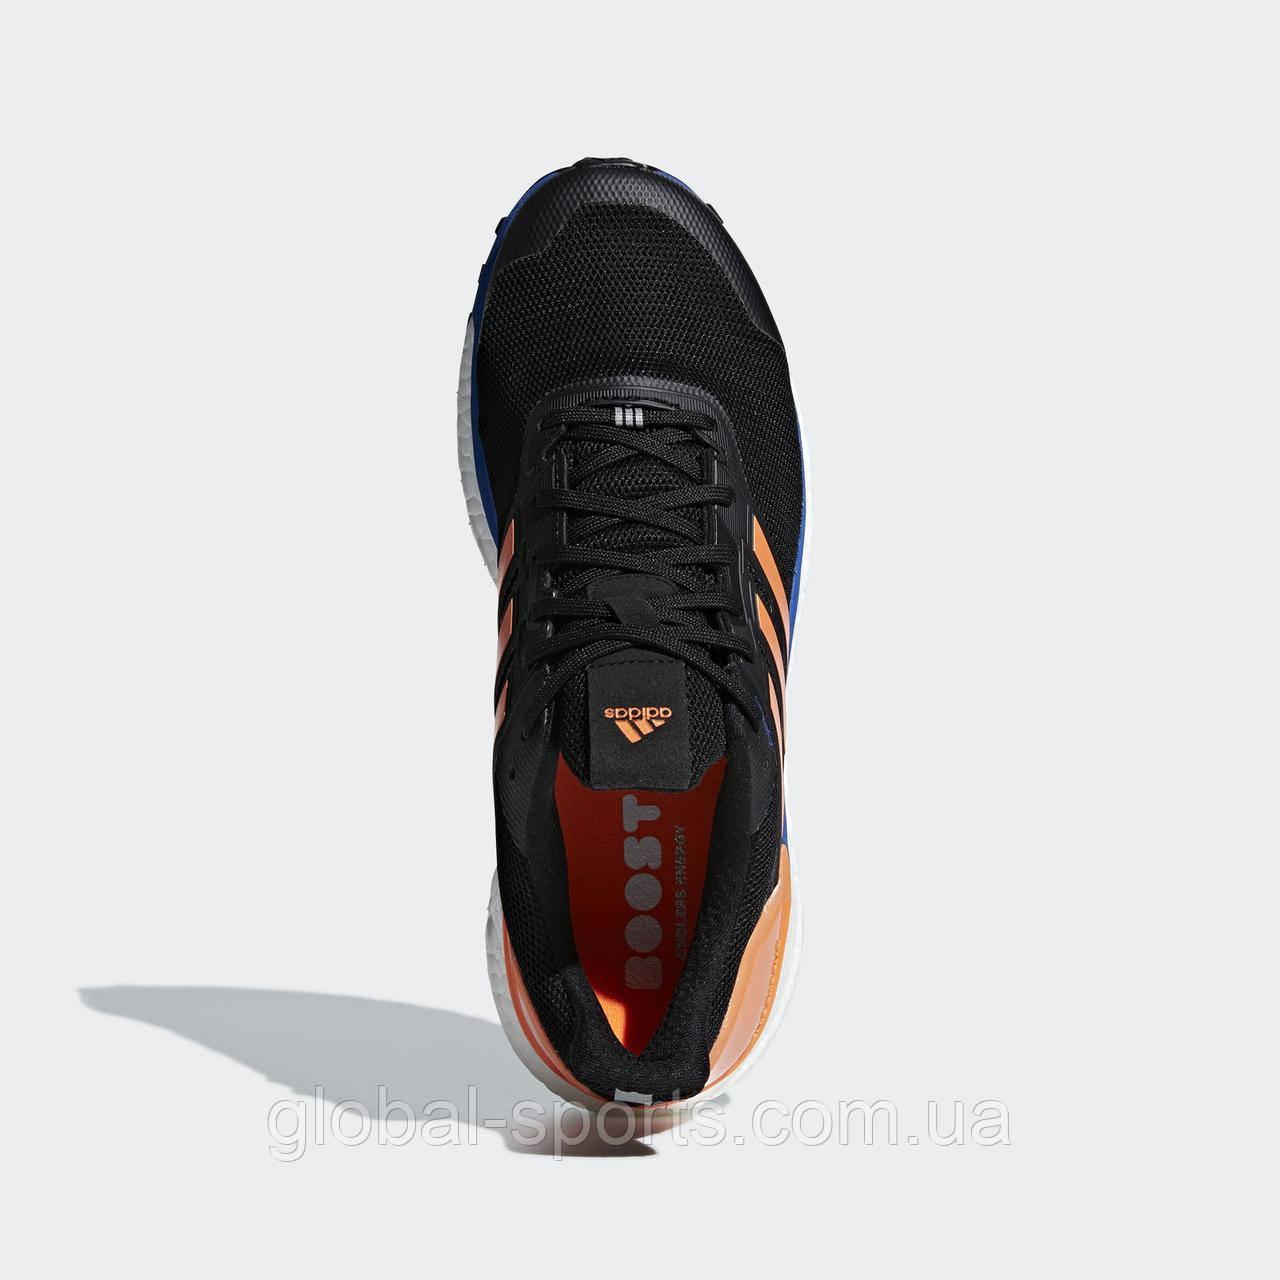 Мужские кроссовки Adidas Supernova GTX(Артикул AC7832)  продажа ... ee14d61ea19d8